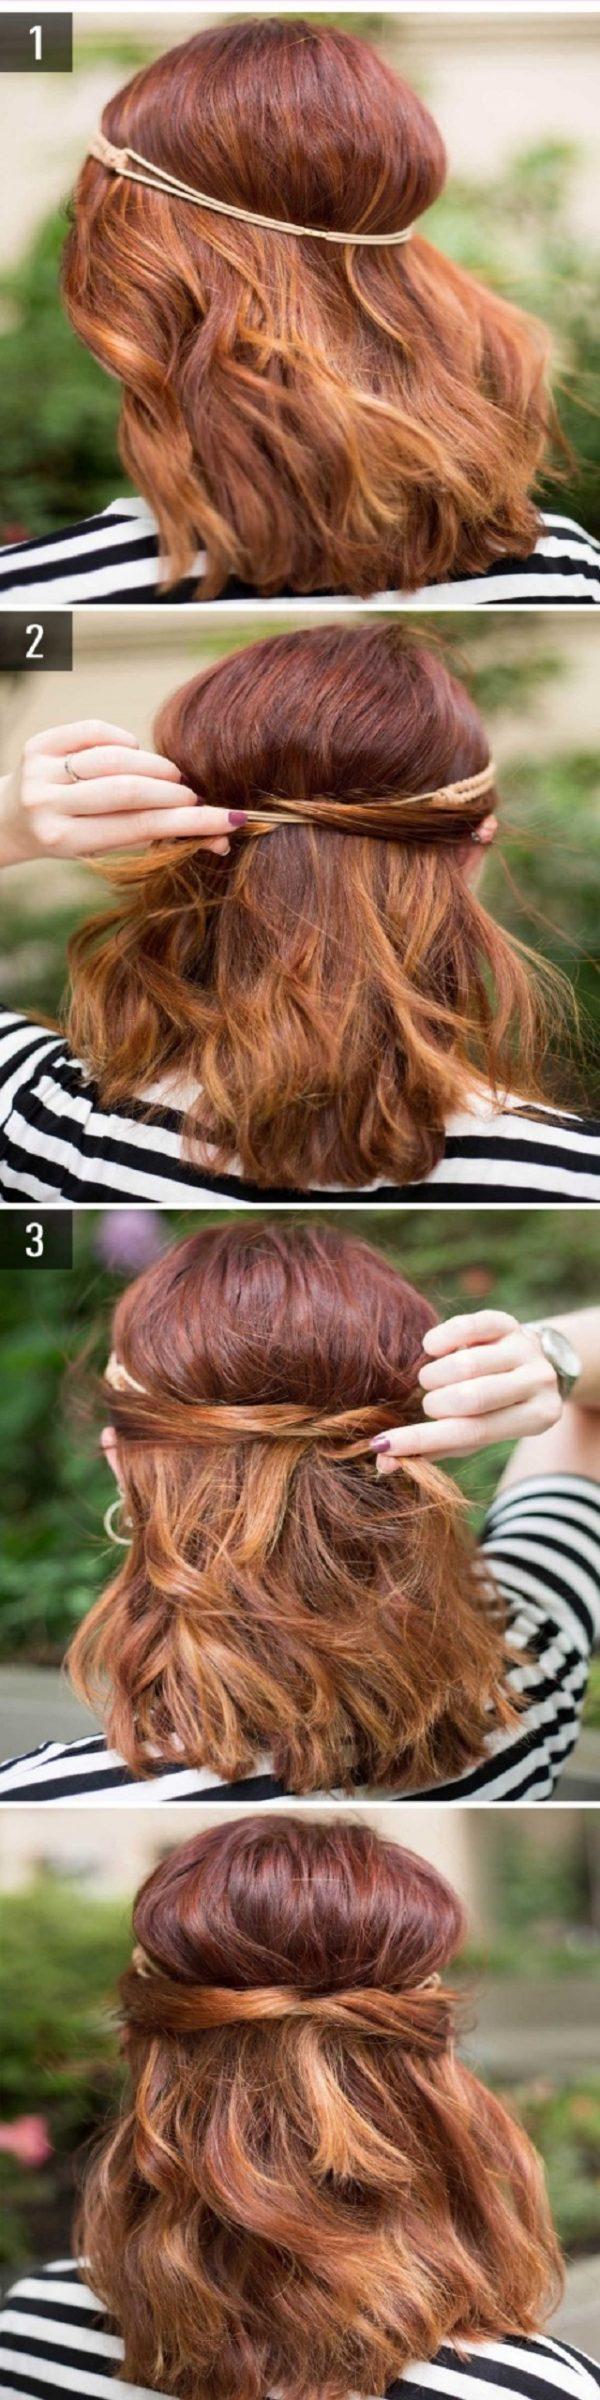 Cách làm những kiểu tóc đẹp, sang trọng nhanh nhất cho các nàng xuống phố (9)